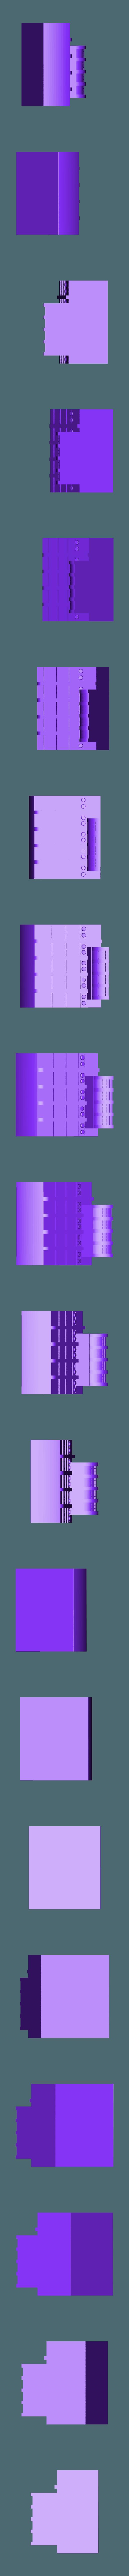 Body-Right-Half-Main.stl Télécharger fichier STL gratuit Planète Express 3030 • Objet à imprimer en 3D, Piggie